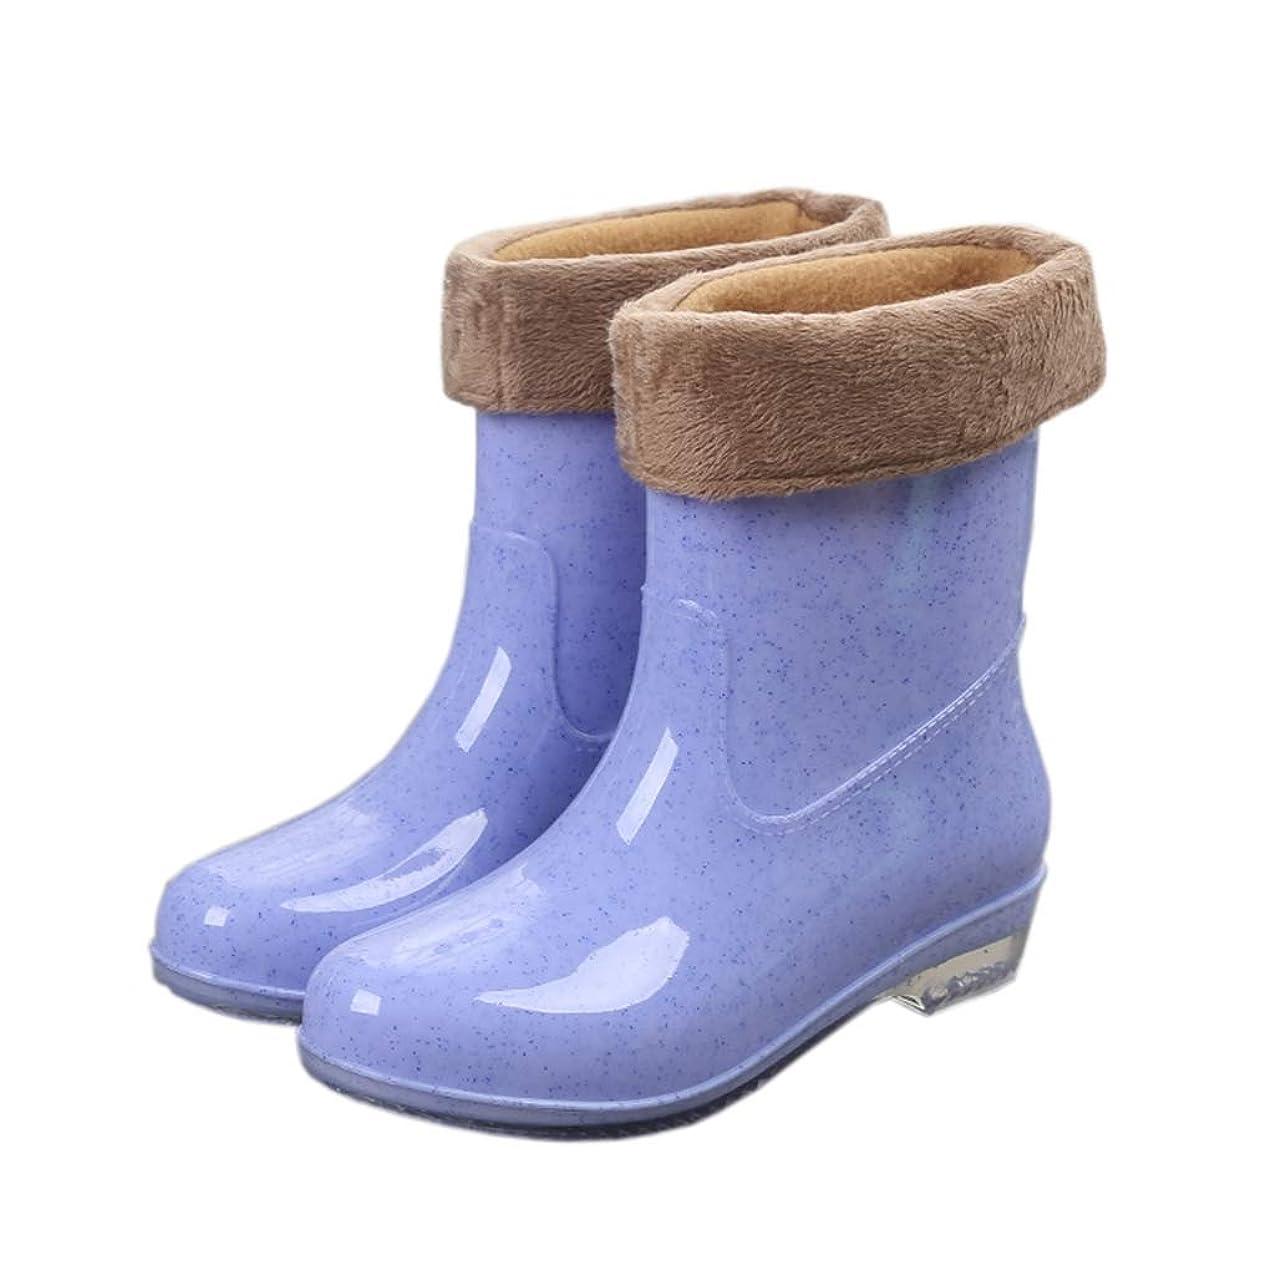 ワイプ能力依存する[テンカ]レインブーツ レディース ヒール レインシューズ 長靴 雨靴 おしゃれ 防水 ロング 軽量 防滑 無地 ガールズ かわいい 通勤 通学 梅雨対策 快適 美脚 履きやすい 歩きやすい 可愛い